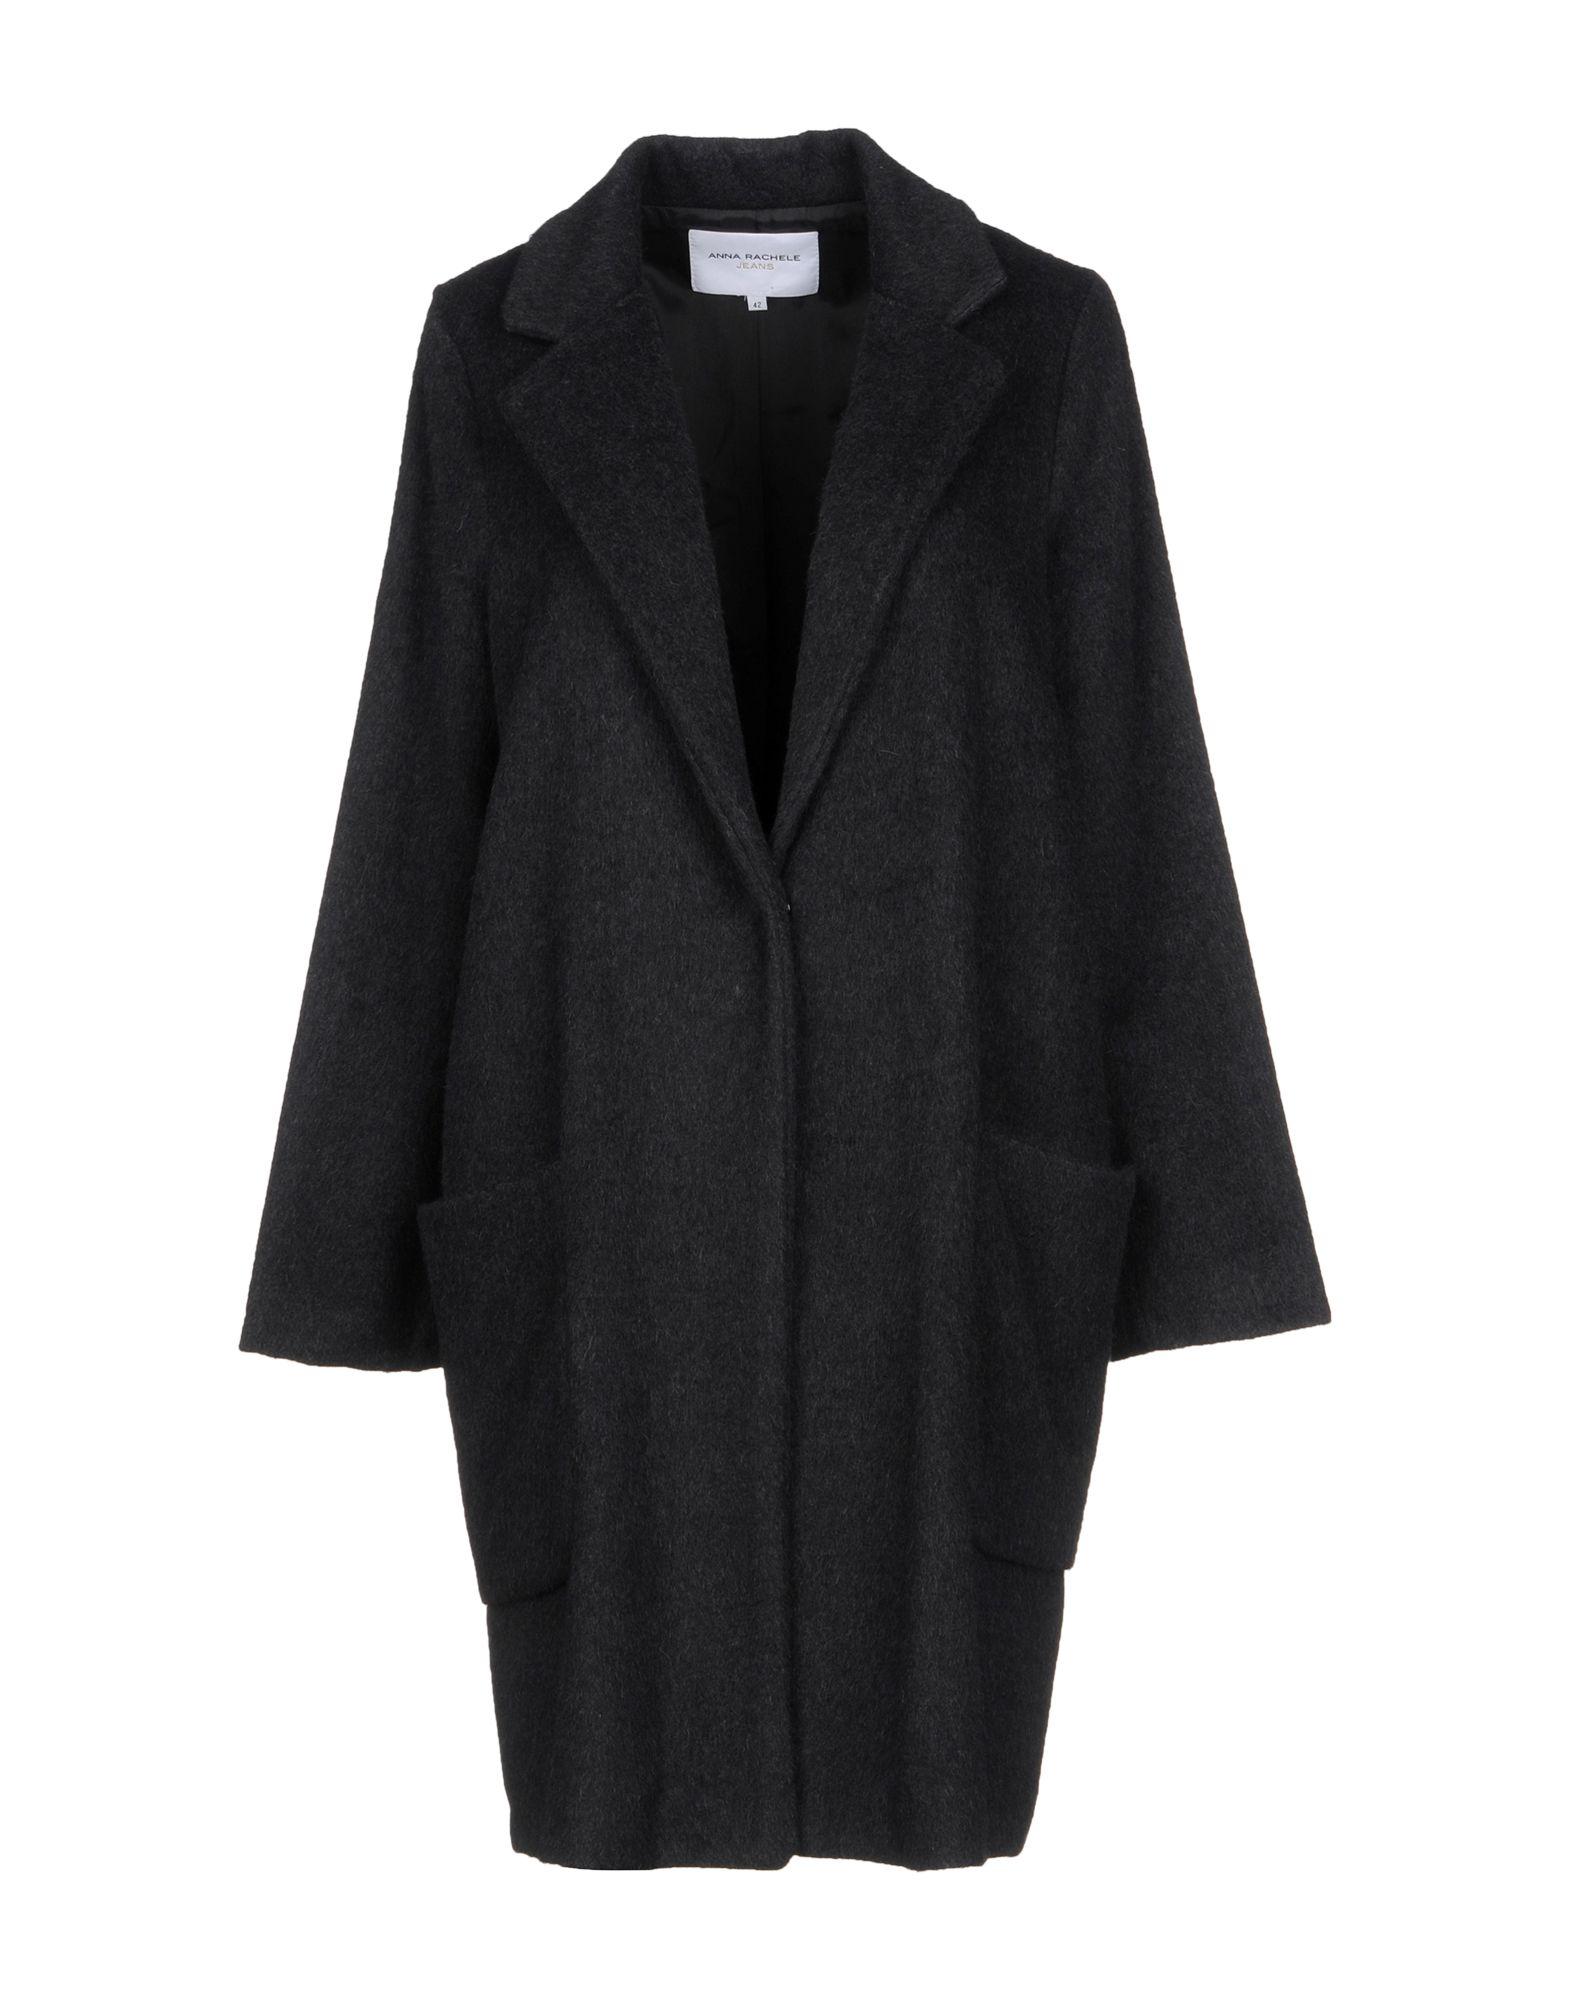 ANNA RACHELE JEANS COLLECTION Пальто